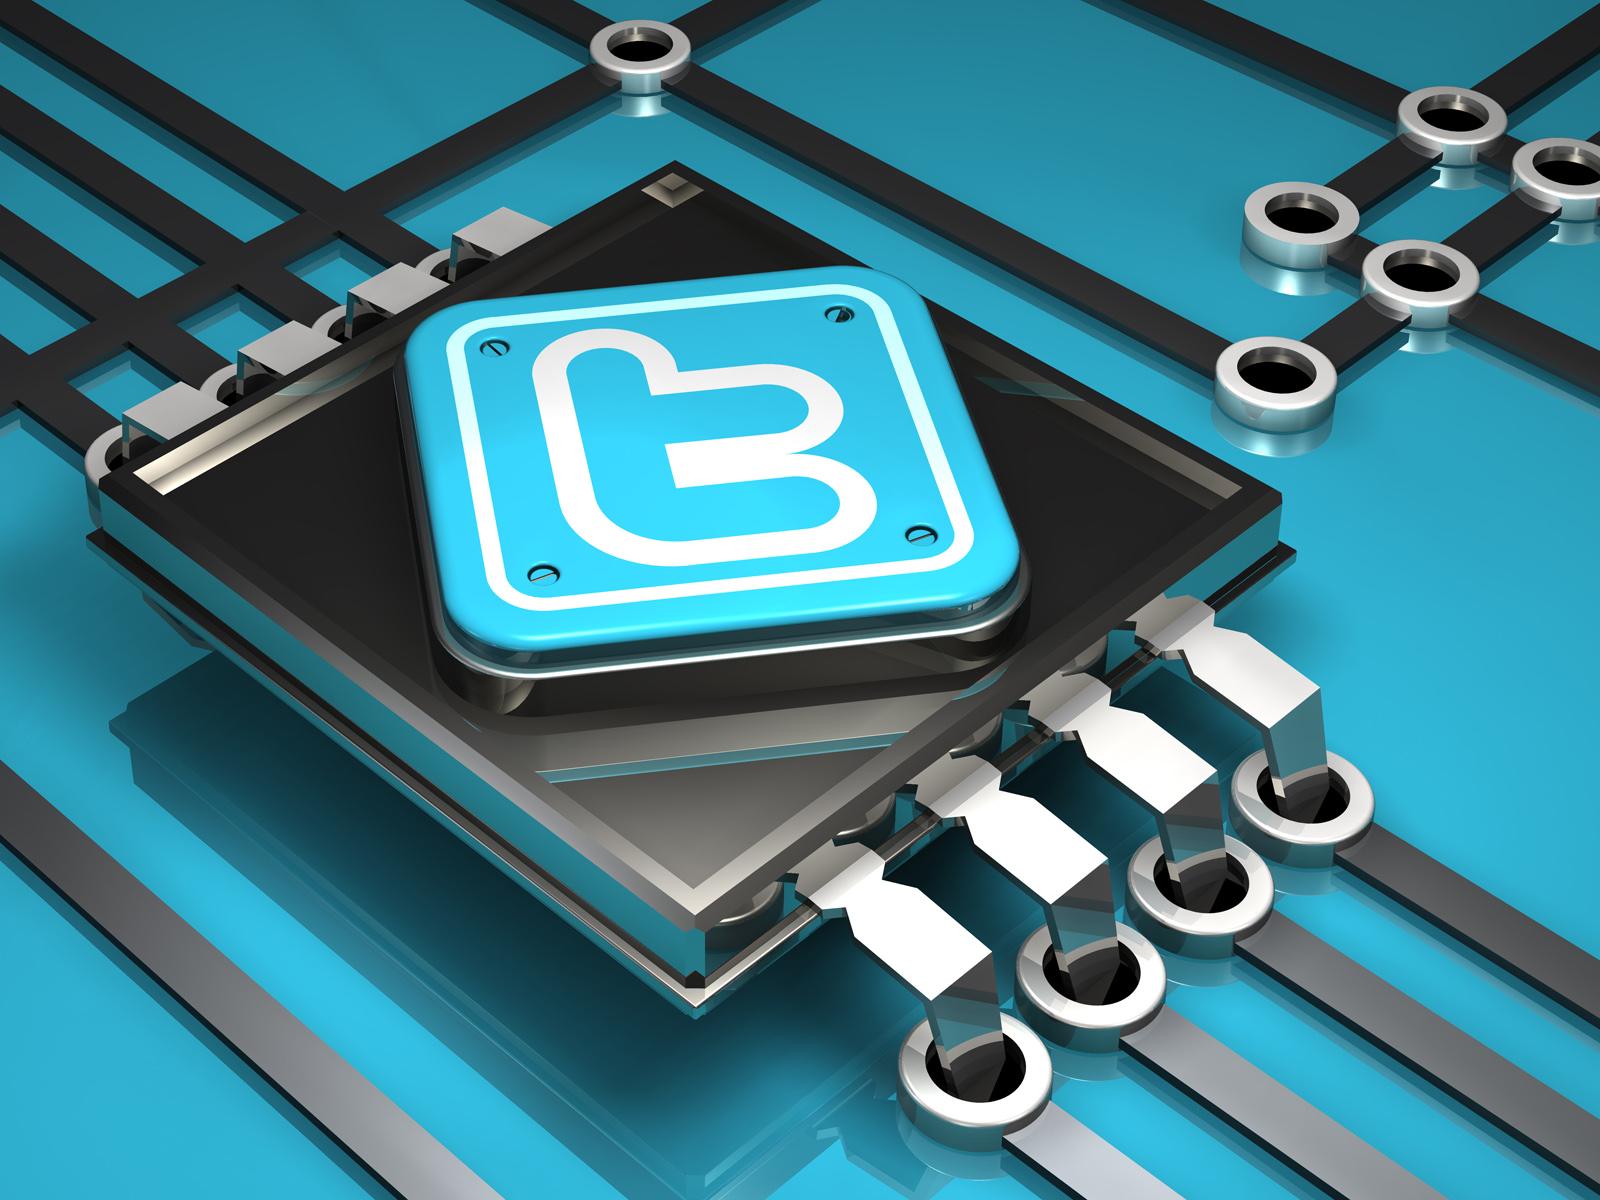 3d twitter logos by norebbo